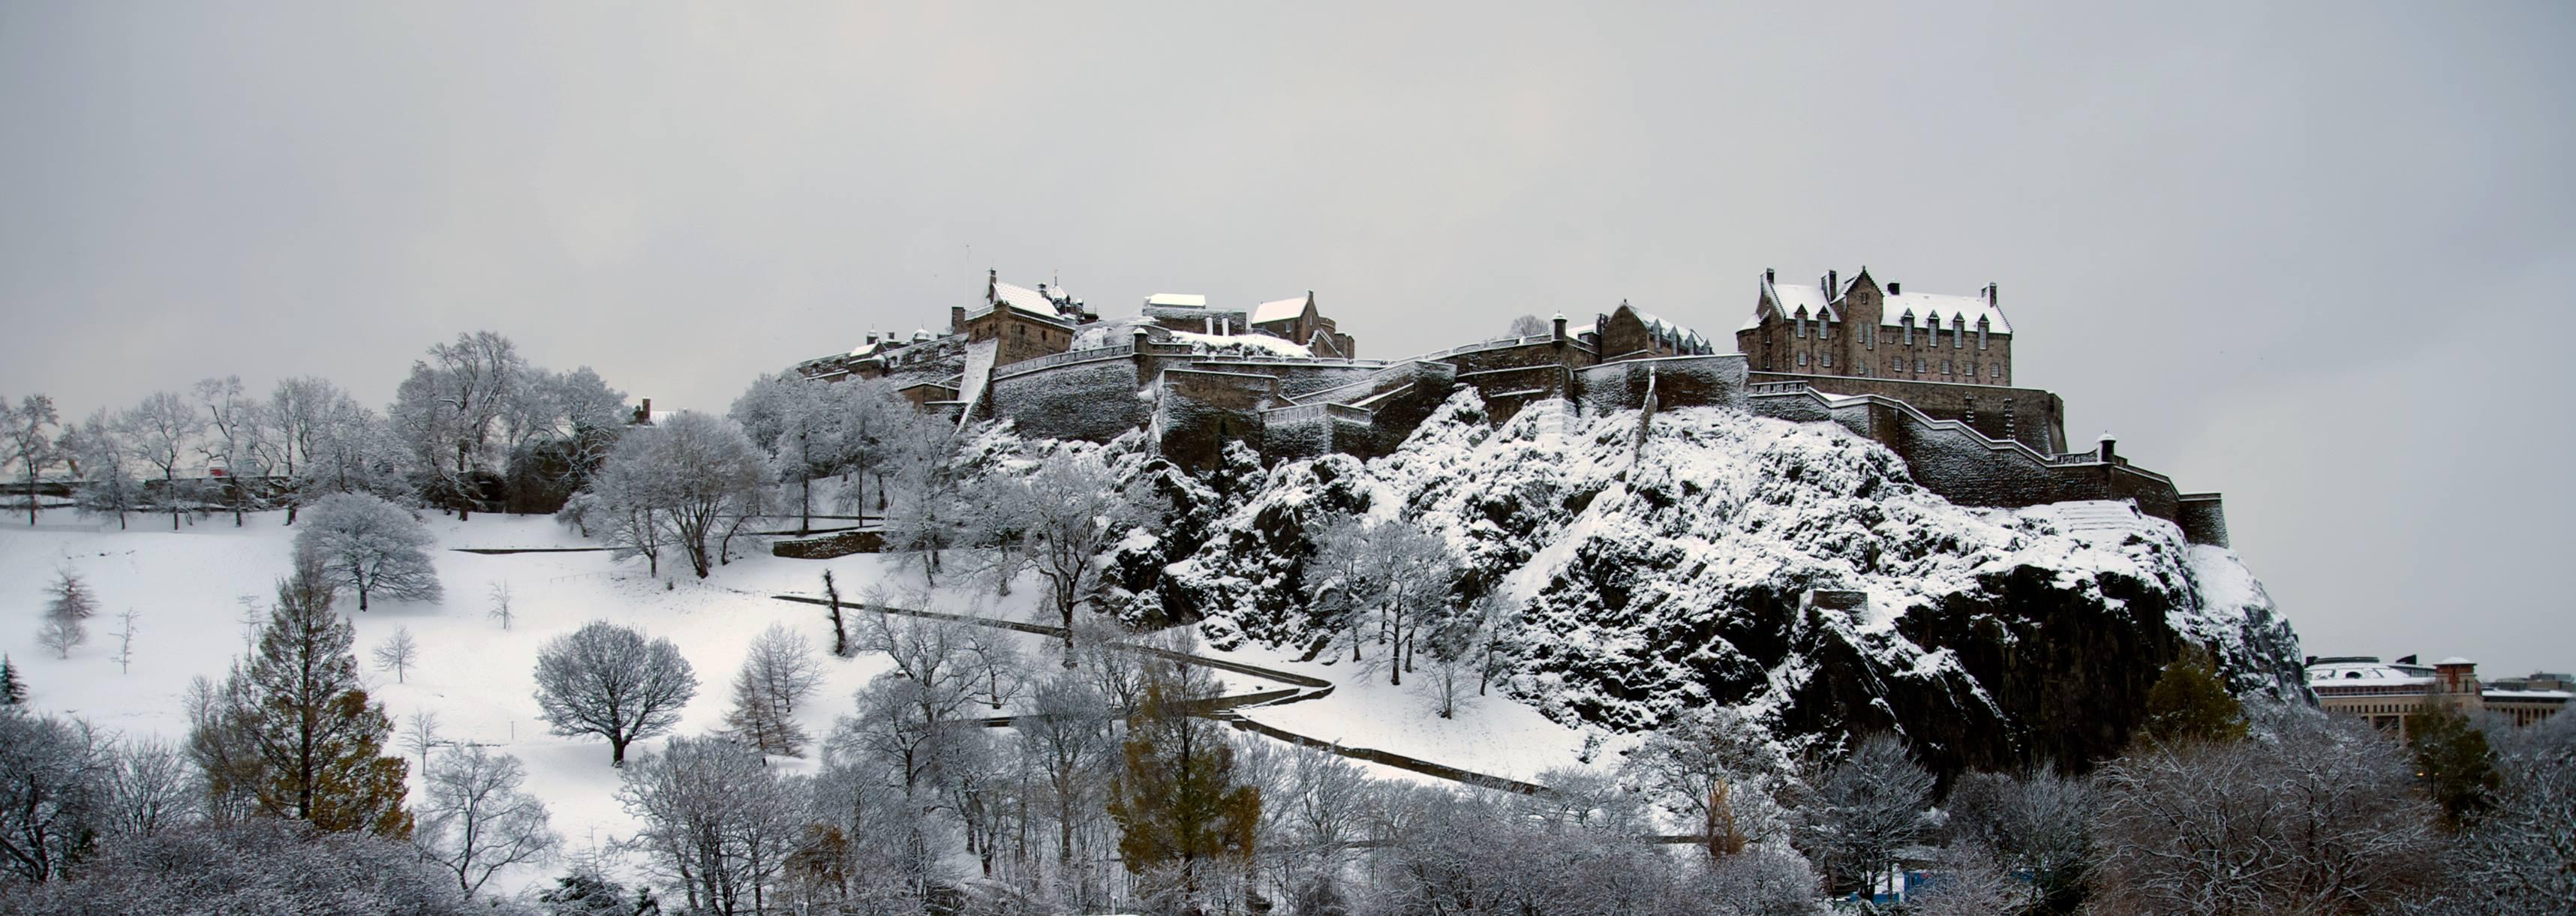 ปราสาทเอดินบะระ-ฤดูหนาว